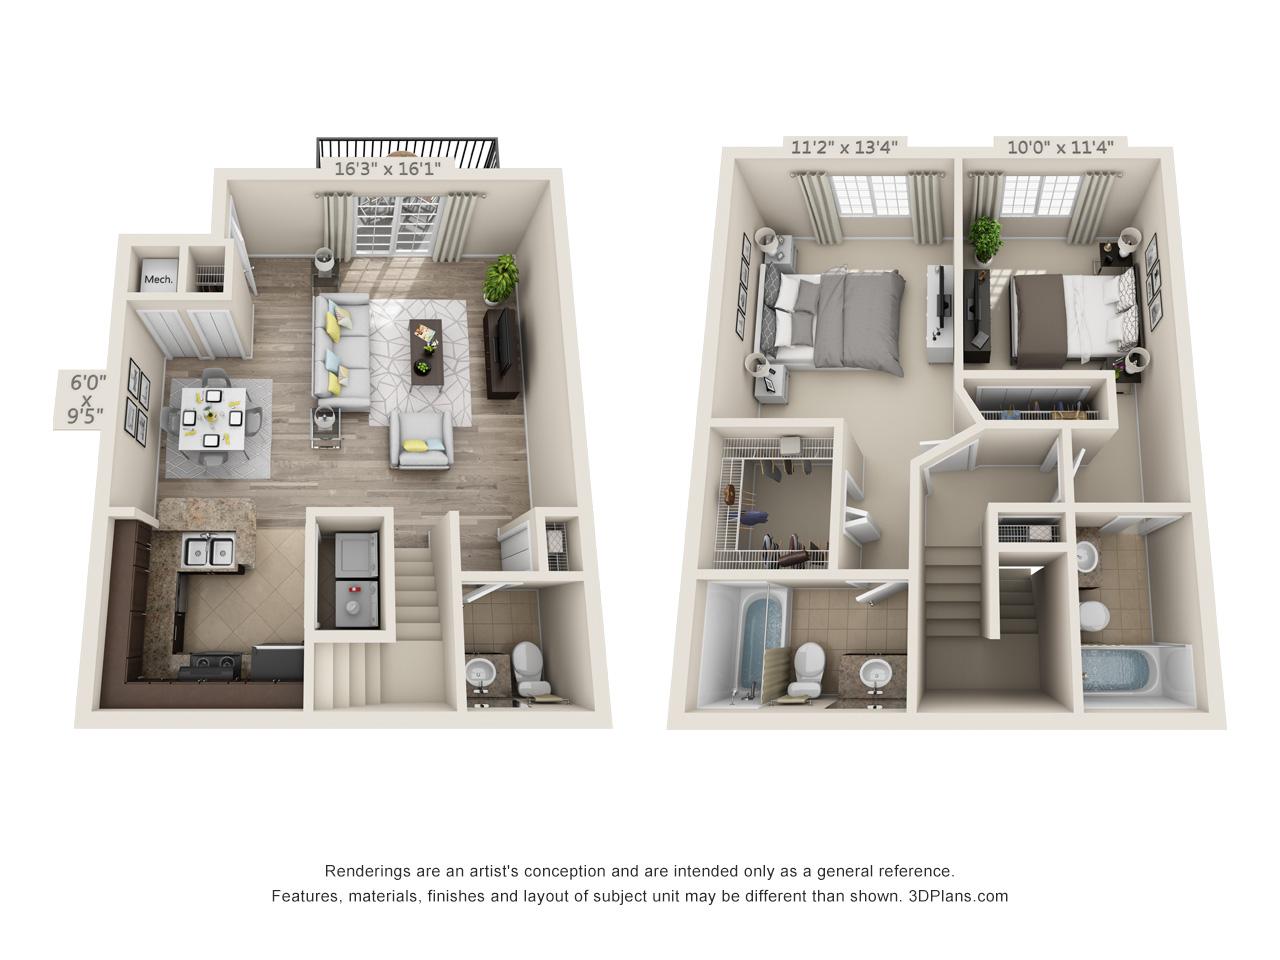 2 bedroom apartments - deerfield beach